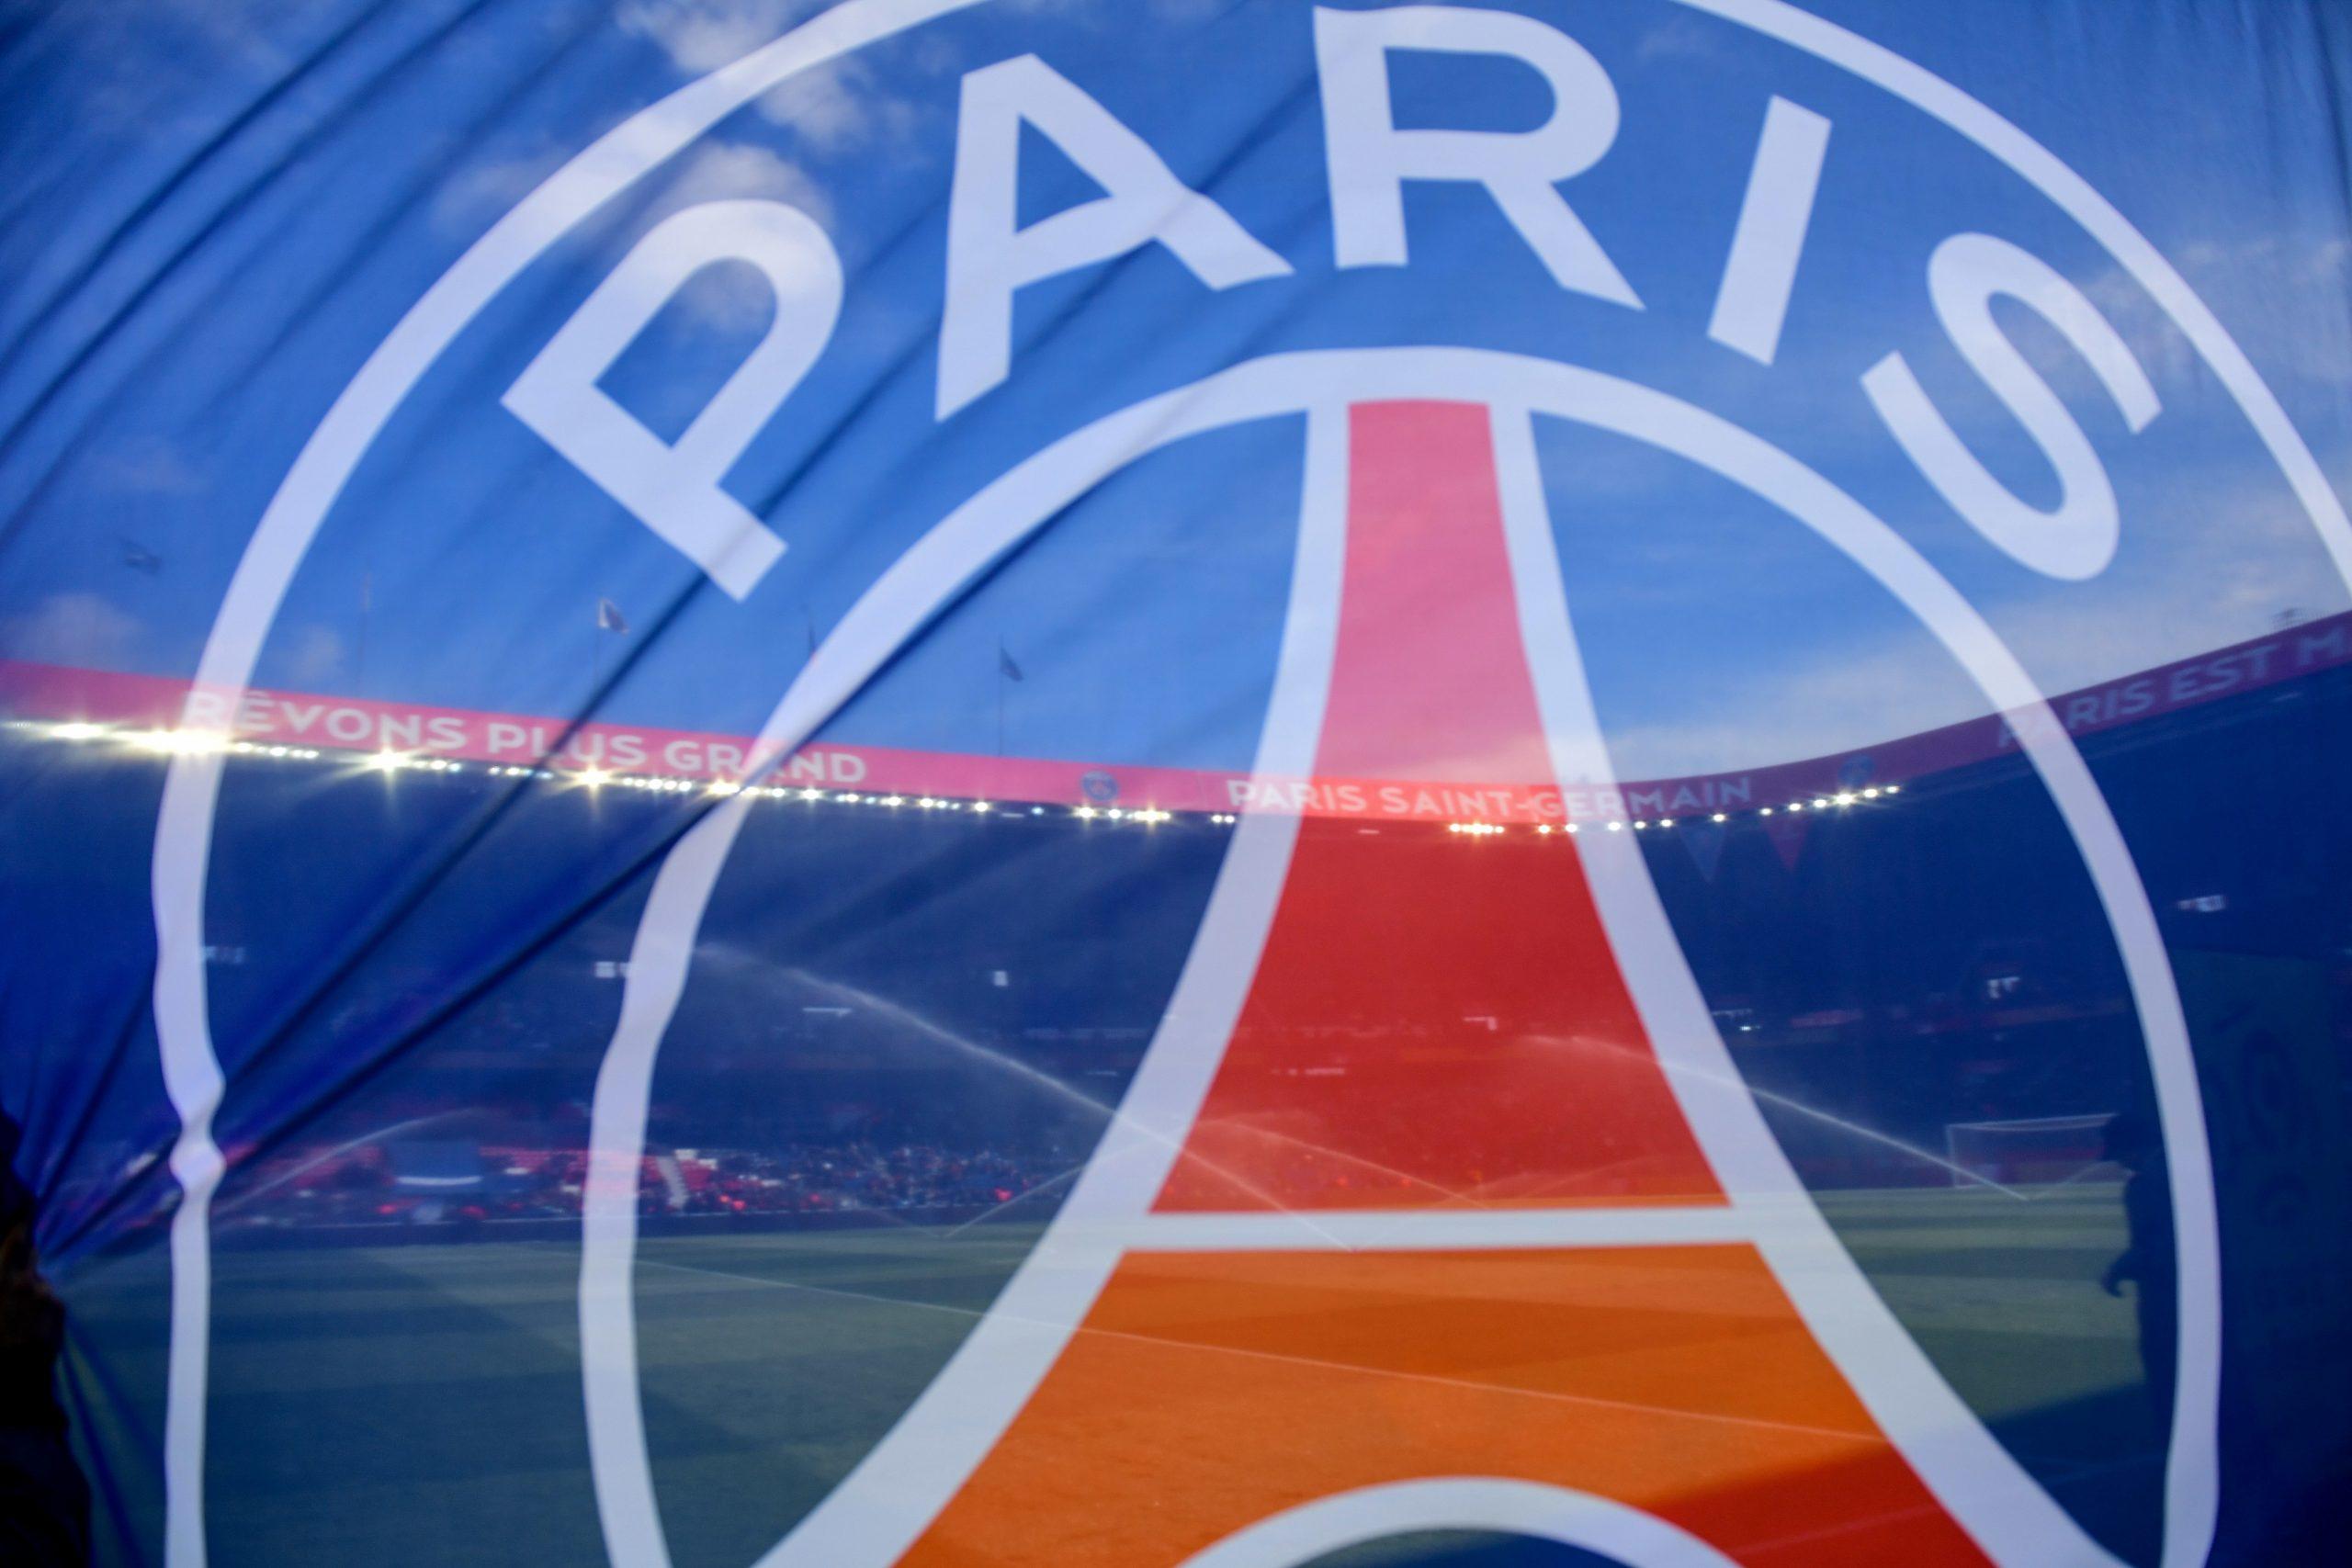 Officiel - Le PSG annonce un partenariat avec 22BET